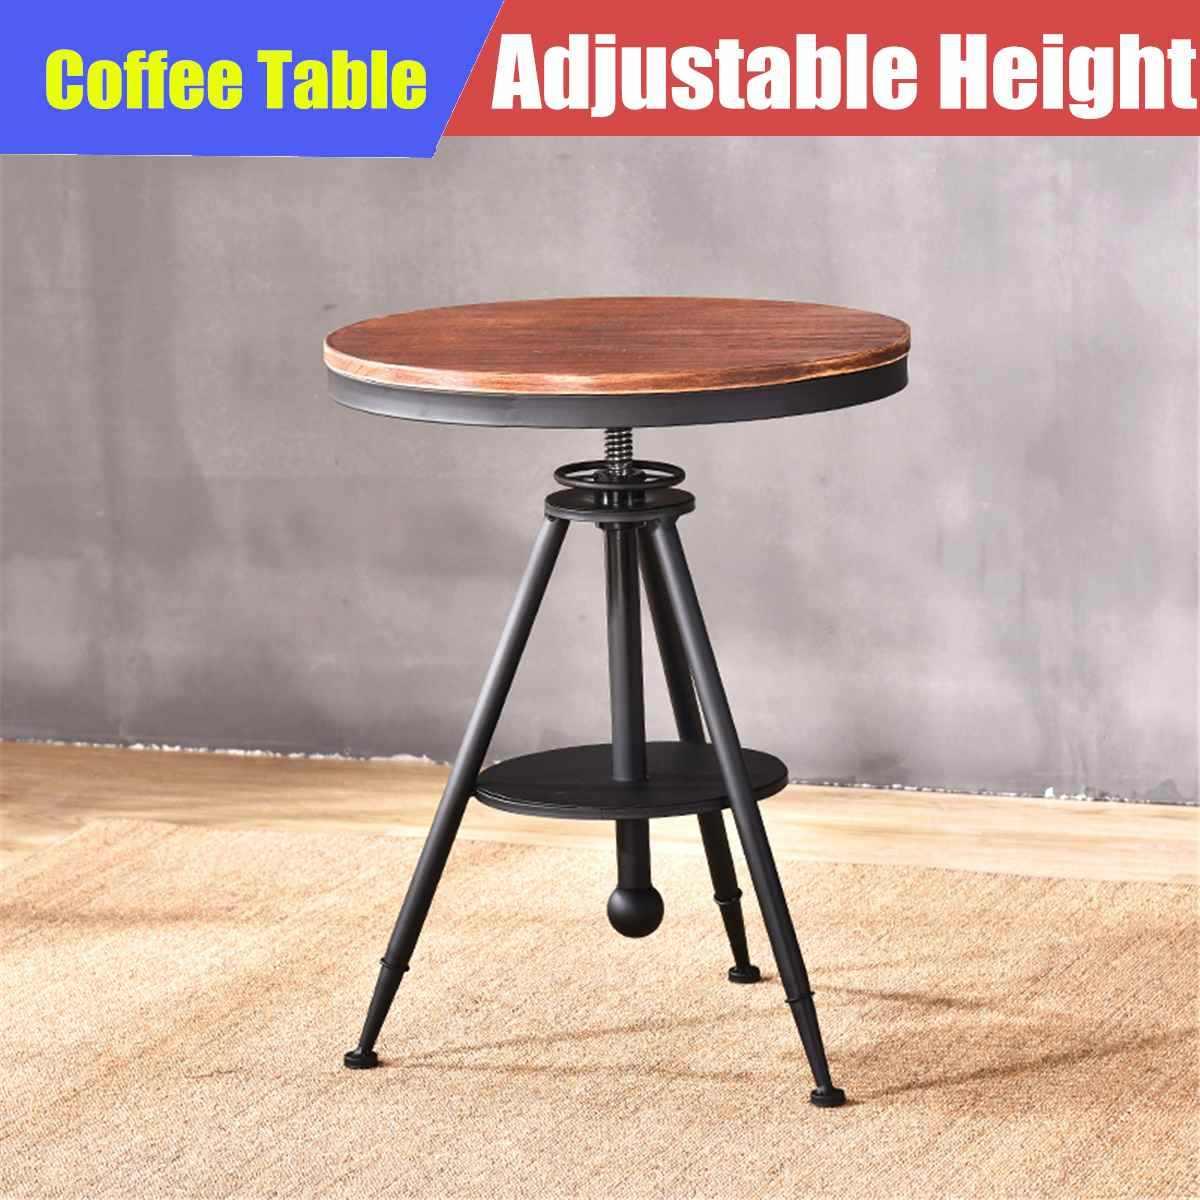 Круглая скатерть для обеденного стола деревянный винтаж промышленных кафе кофейная мебель украшения открытый бистро барный стул регулируемая высота